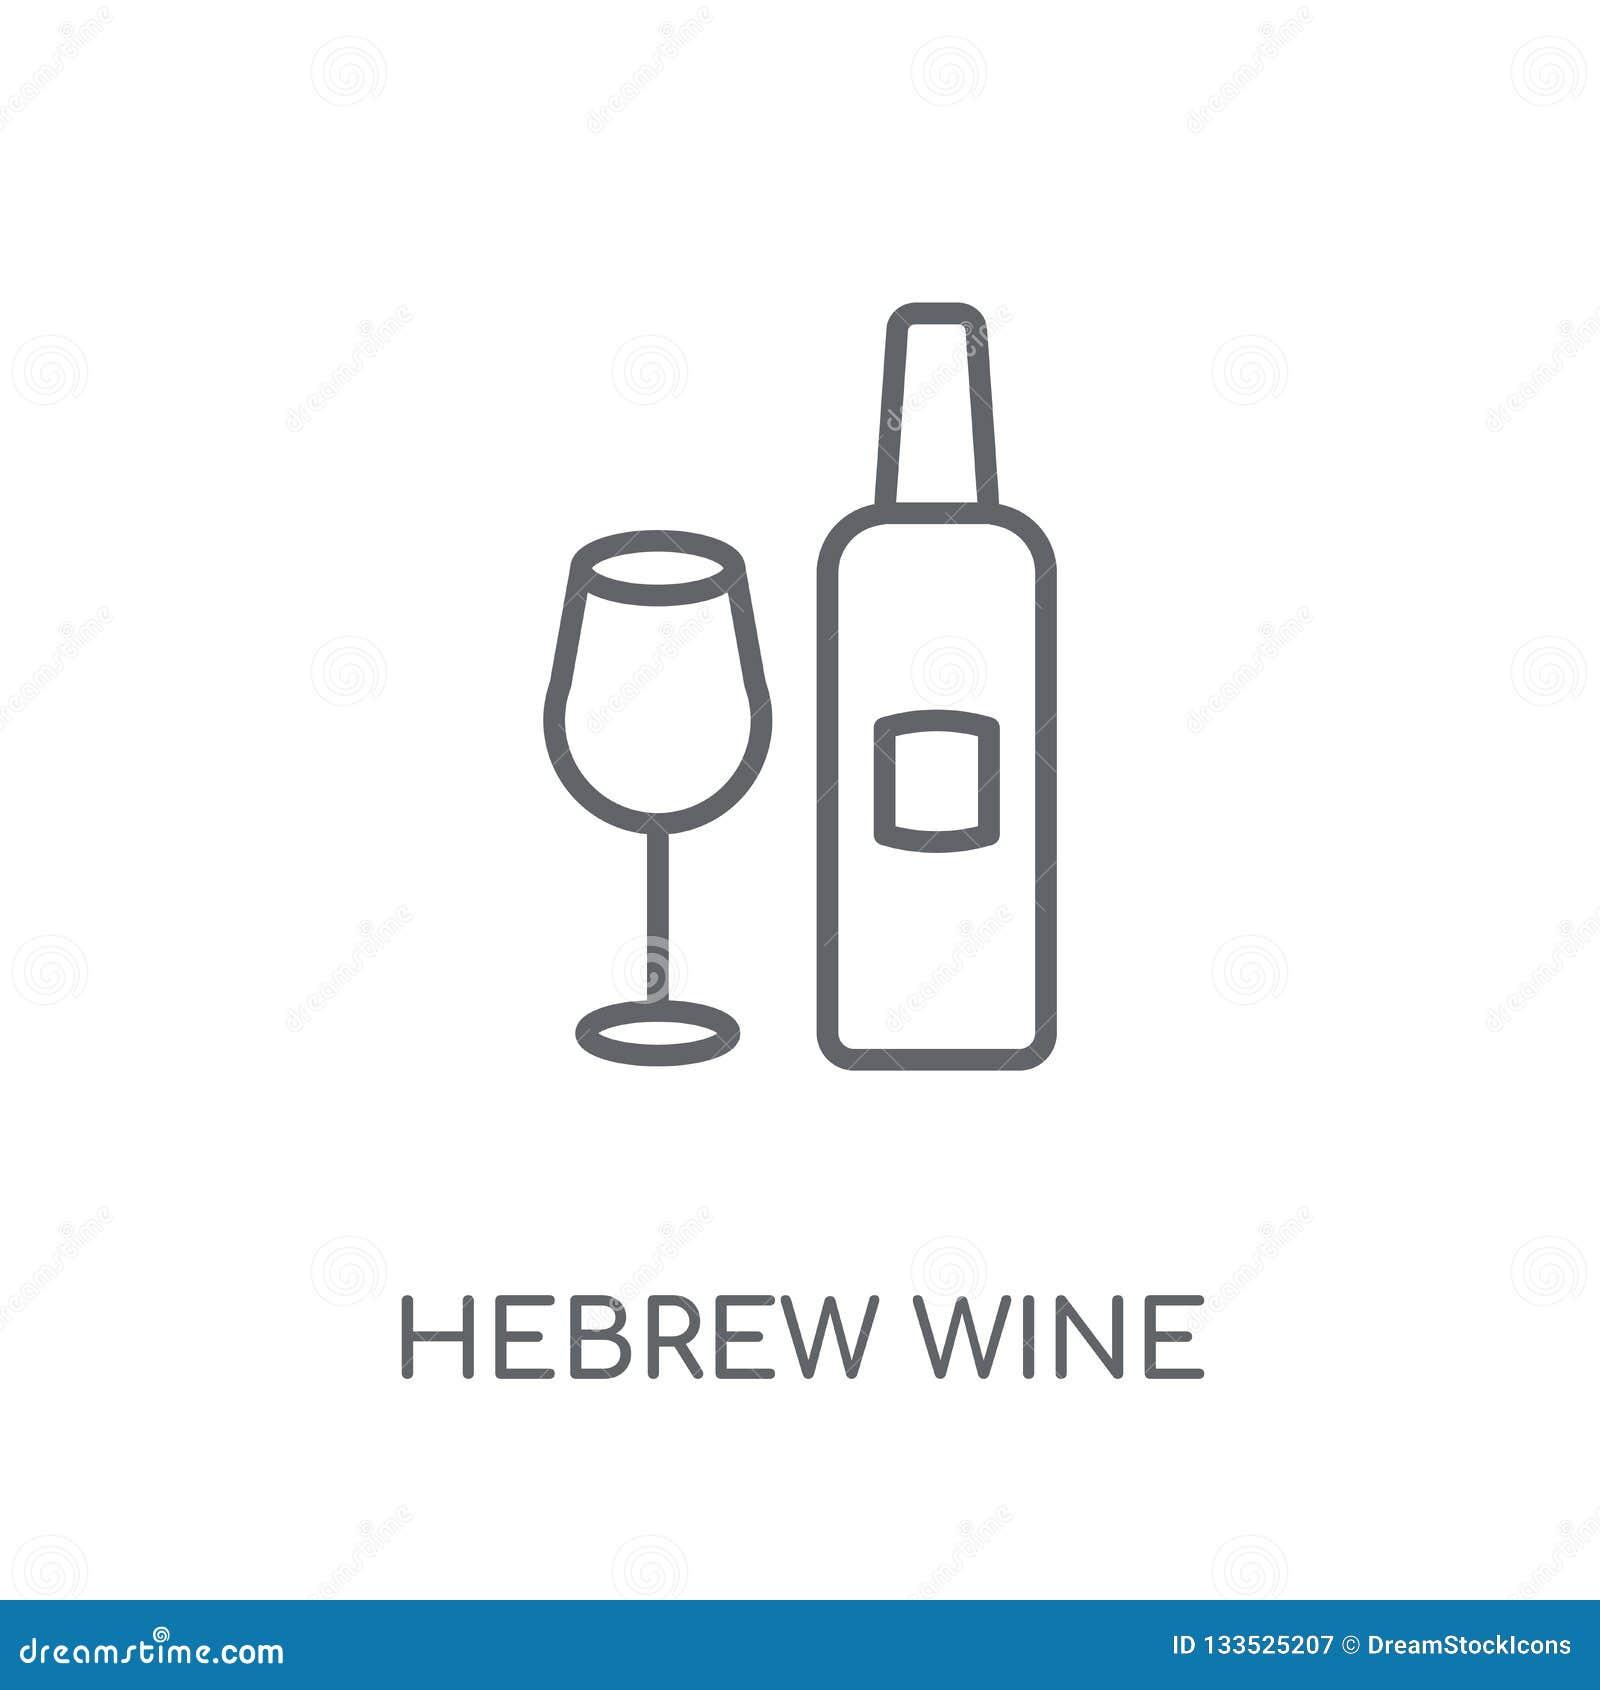 Icono linear del vino hebreo Concepto hebreo del logotipo del vino del esquema moderno